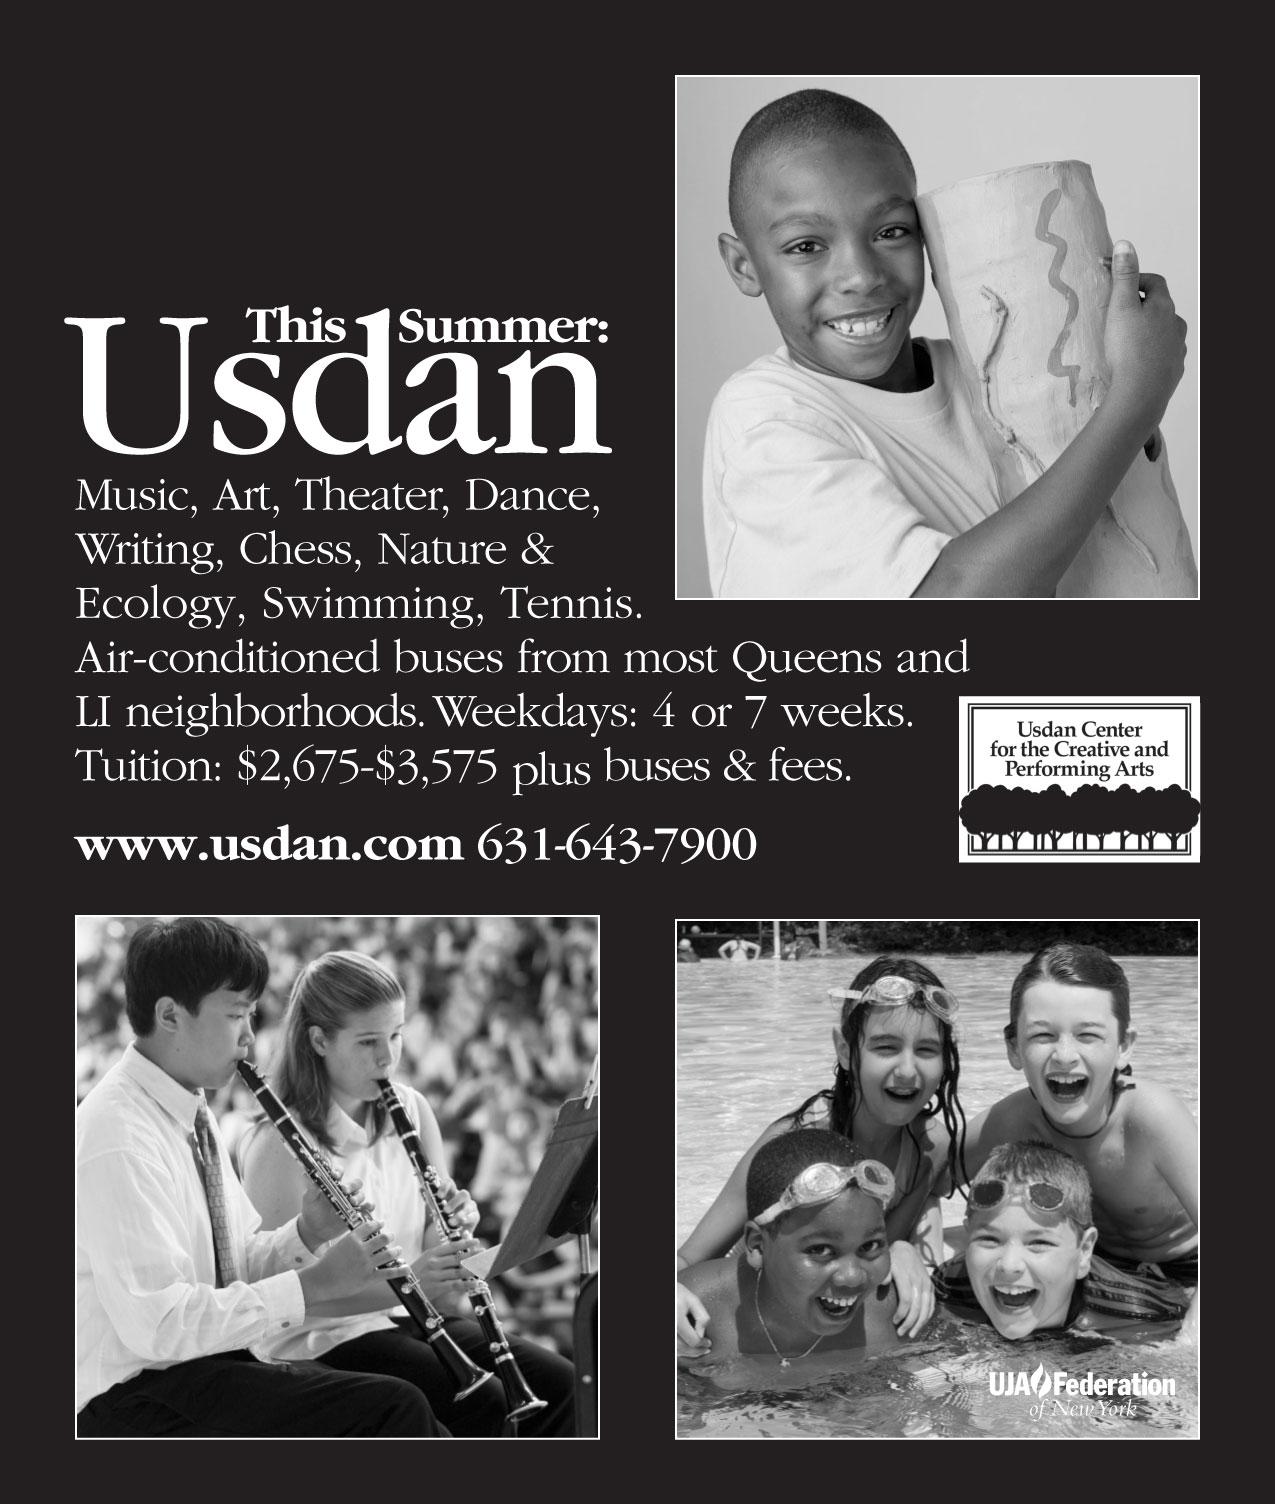 Usdan